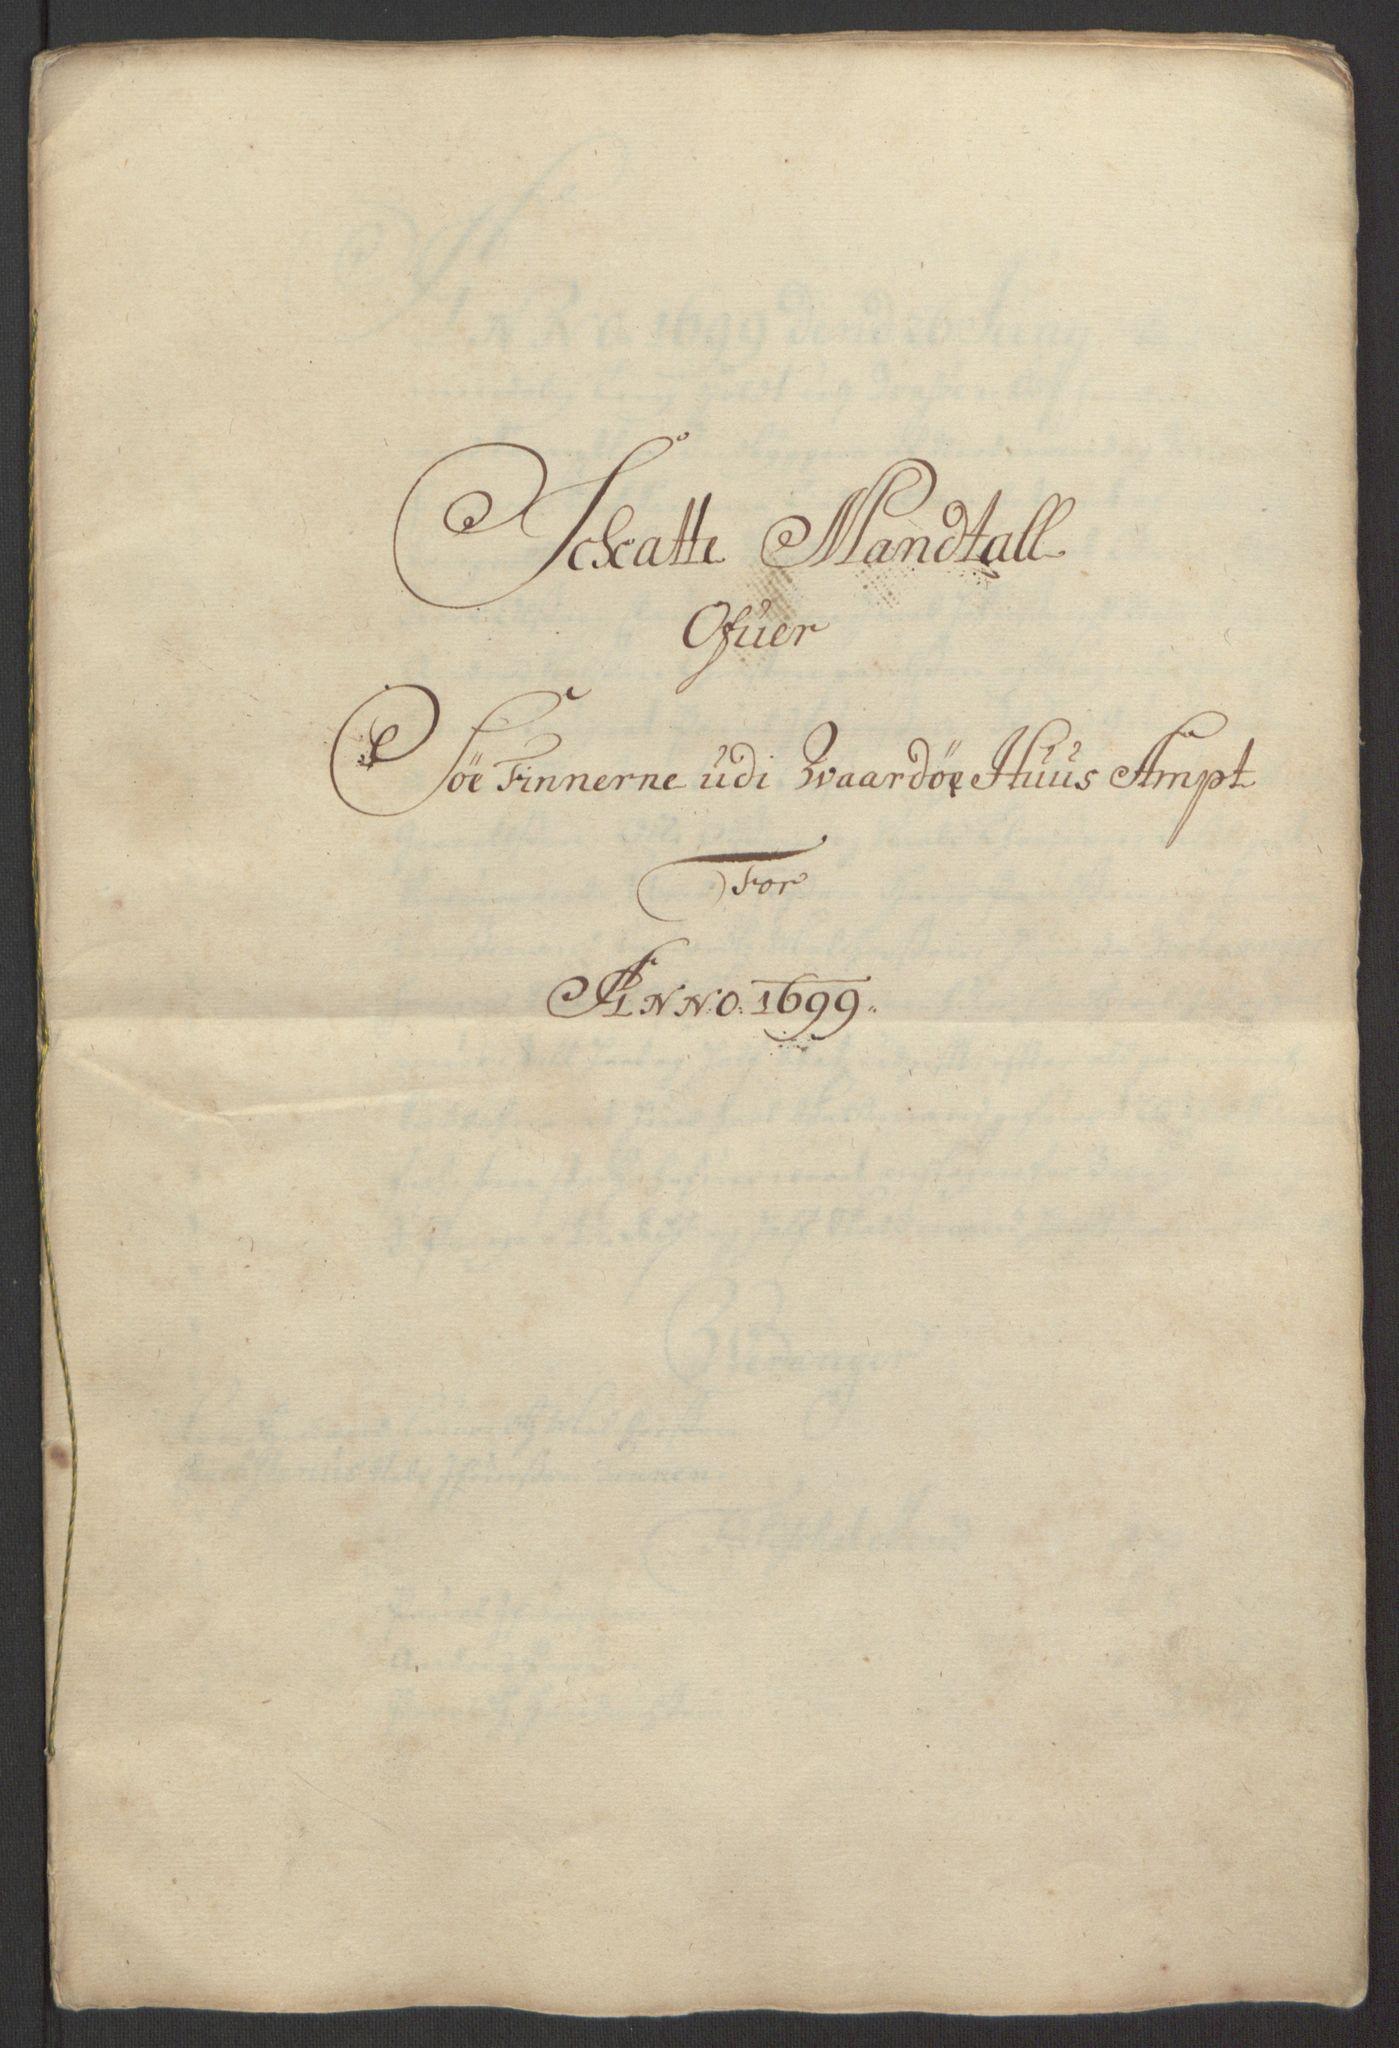 RA, Rentekammeret inntil 1814, Reviderte regnskaper, Fogderegnskap, R69/L4851: Fogderegnskap Finnmark/Vardøhus, 1691-1700, s. 388